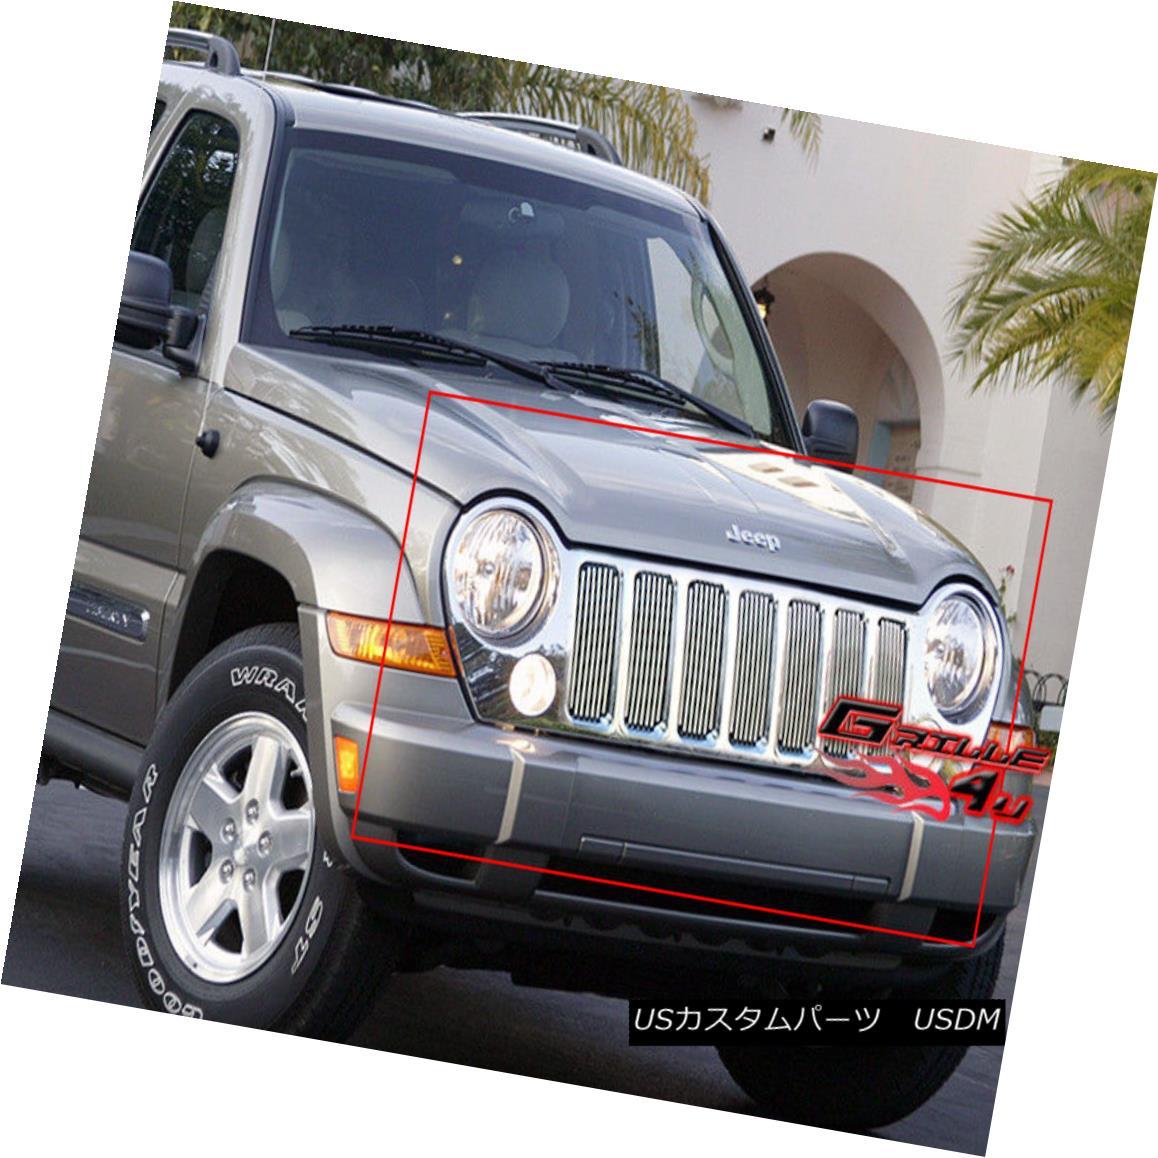 グリル Fits 2005-2007 Jeep Liberty Main Upper Billet Grille 2005-2007ジープリバティーメインアッパービレットグリルに適合